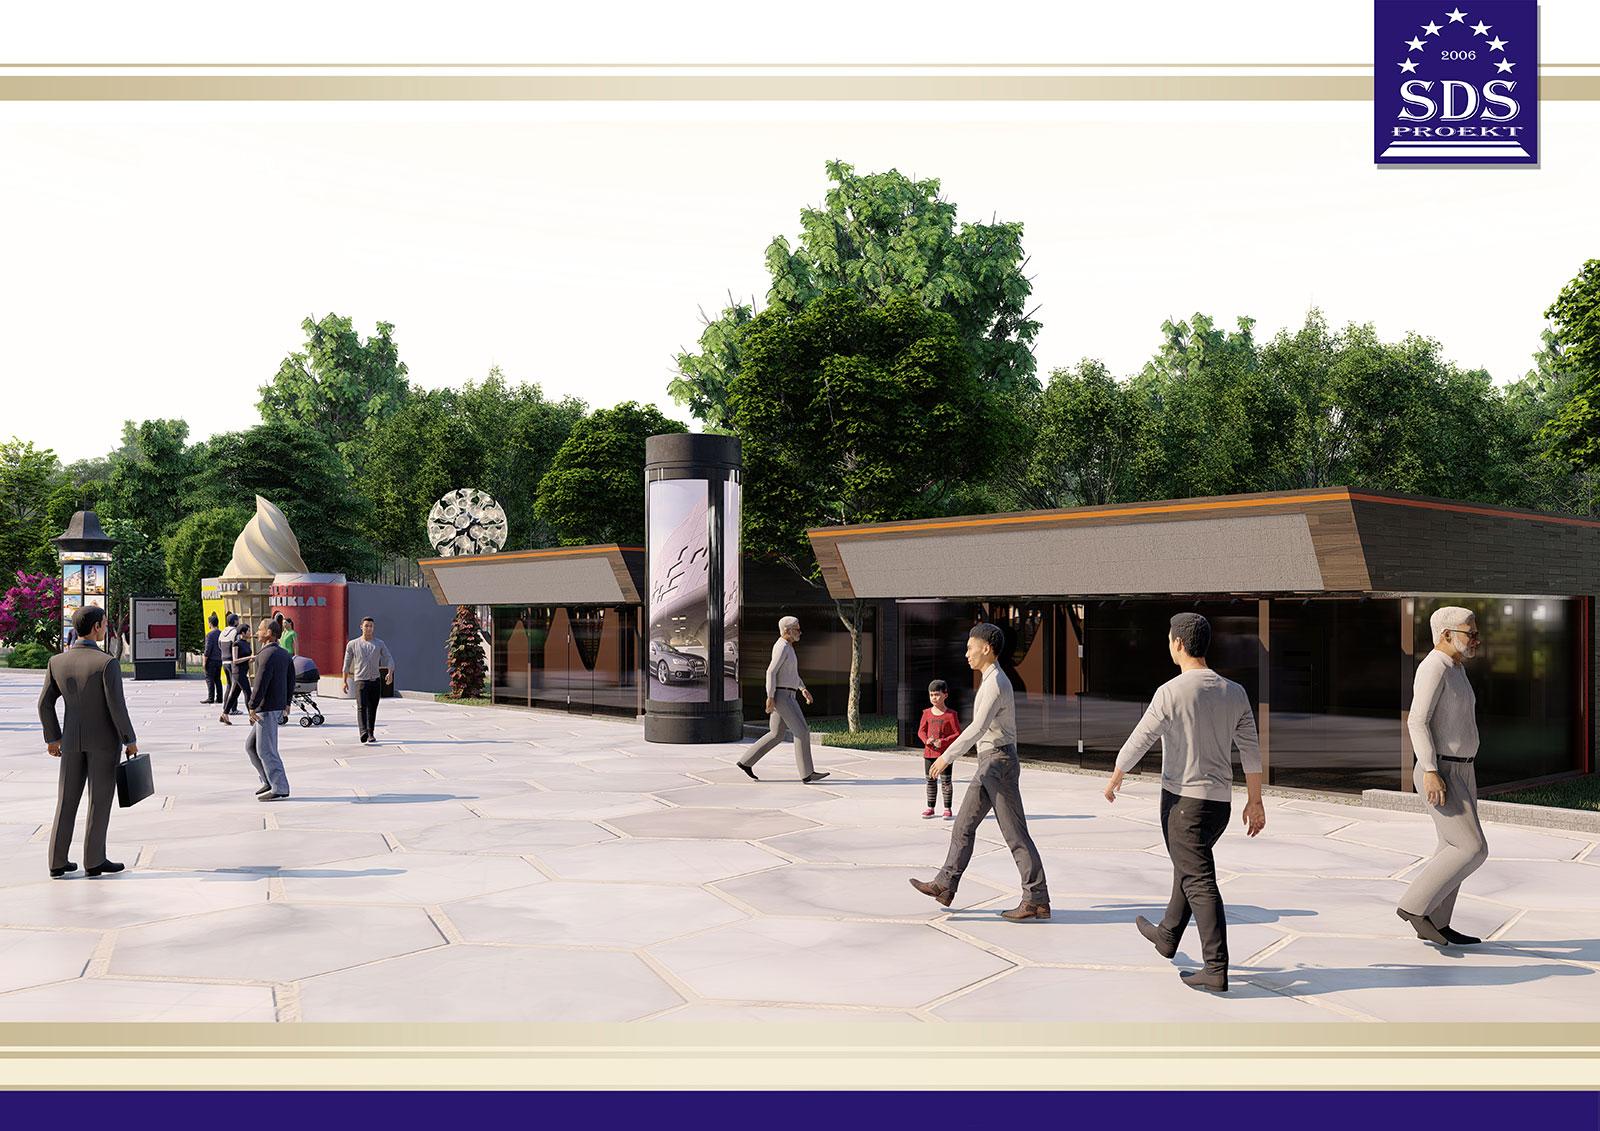 Инновационный парк Family park в городе Самарканд